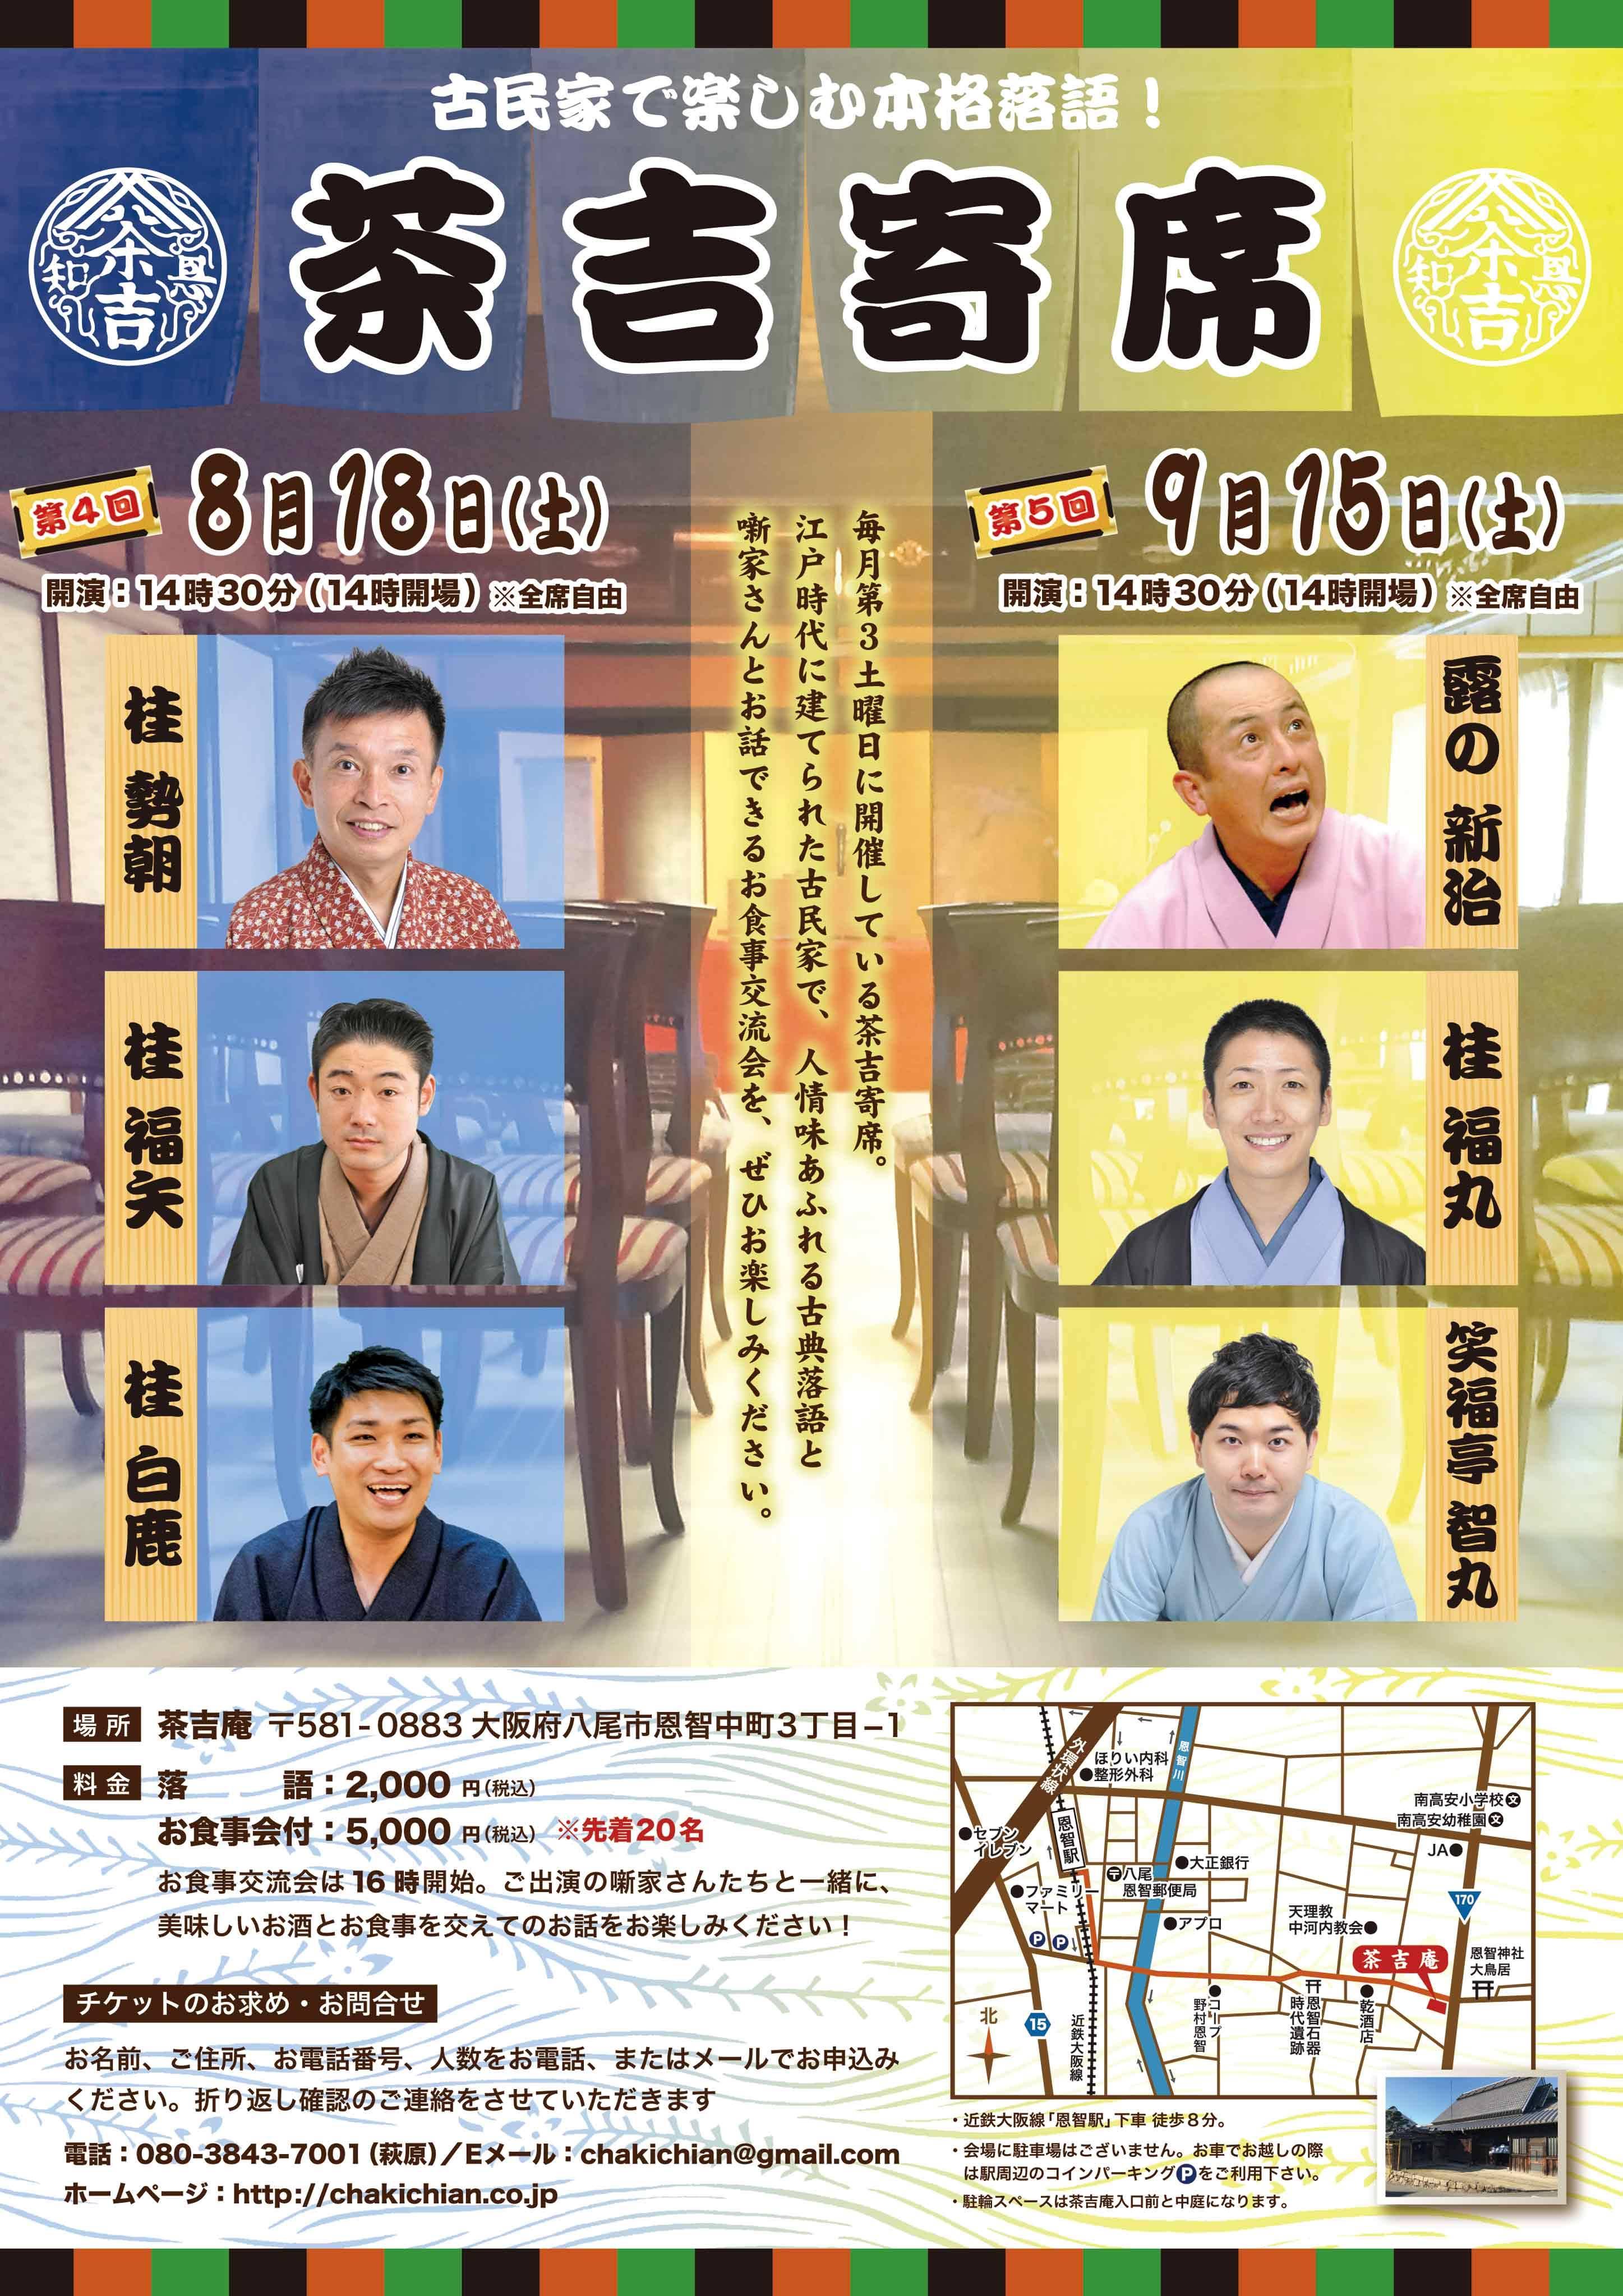 第4回 茶吉寄席 8月18日(土)14時30分~桂勢朝さん・桂福矢さん・桂白鹿さん